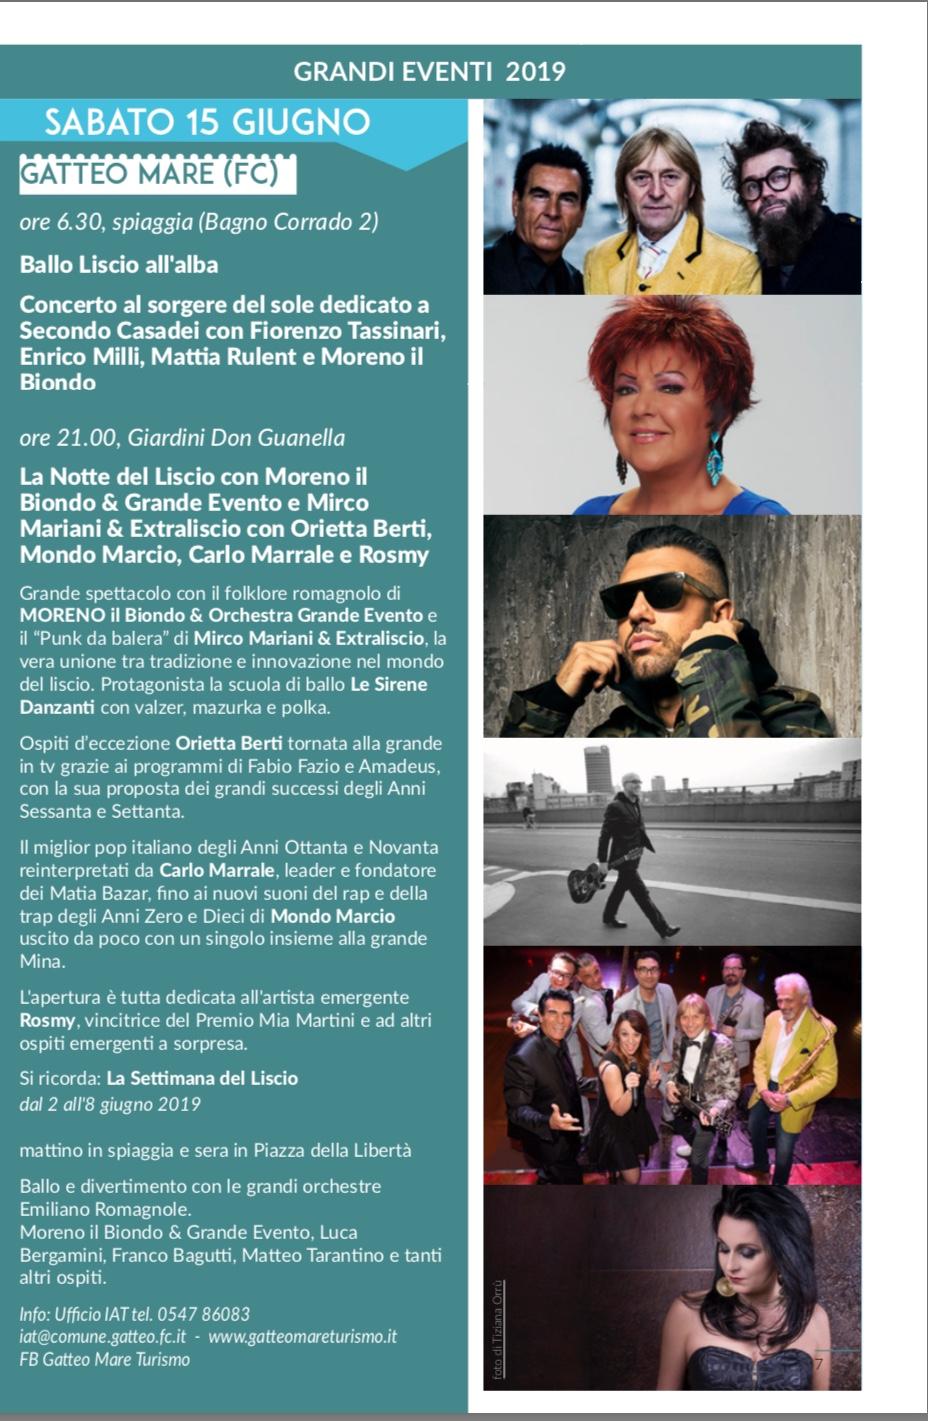 Calendario Orchestre Liscio.La Notte Del Liscio 15 Giugno 2019 Orchestra Grande Evento